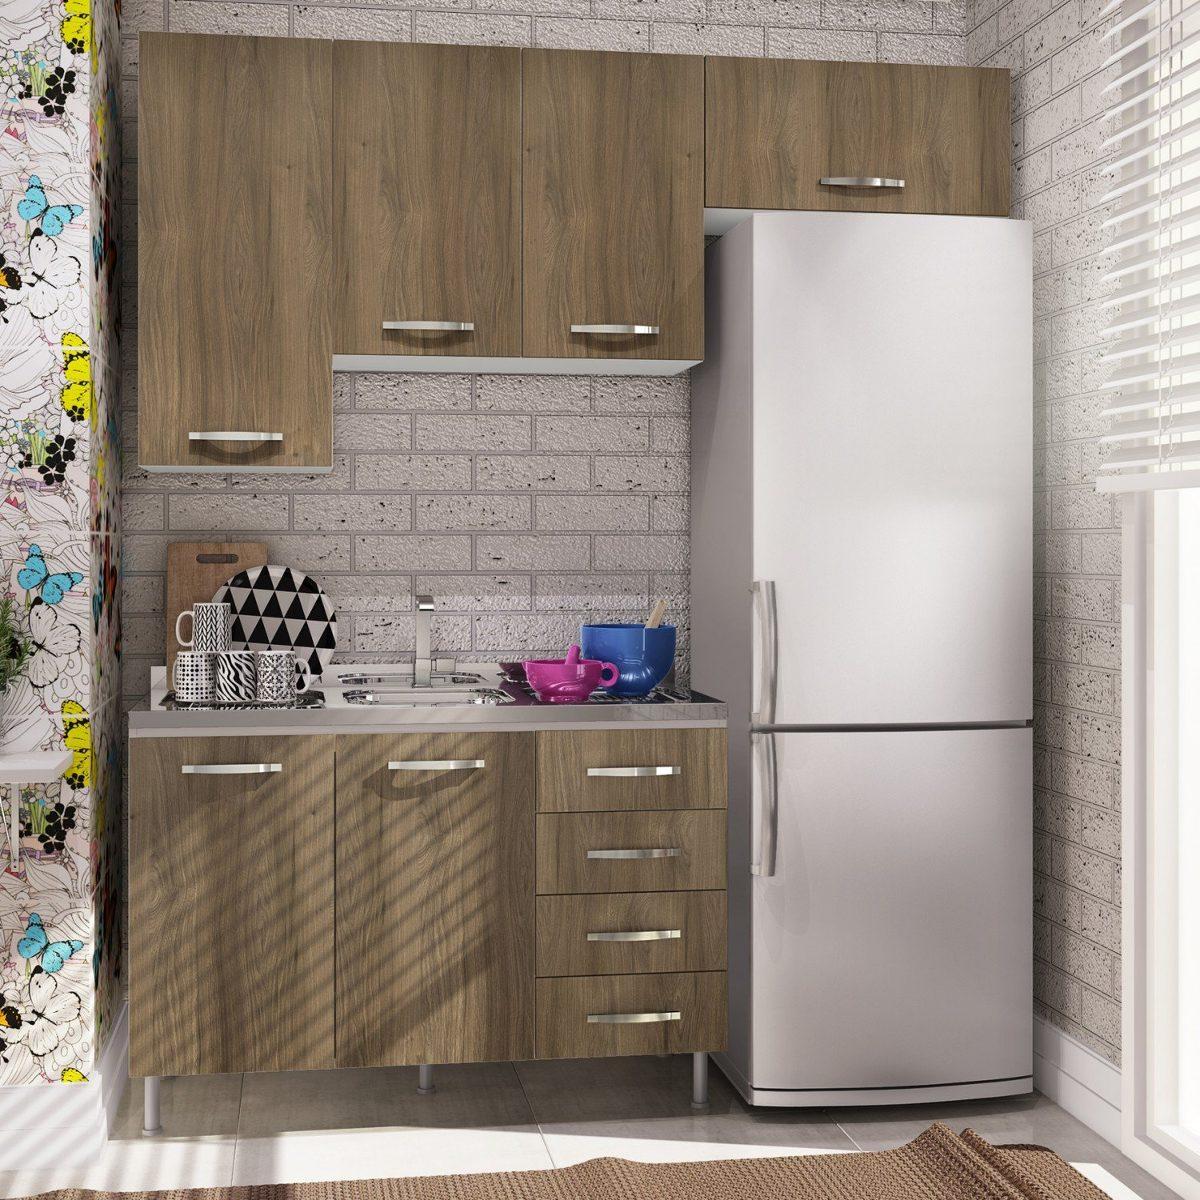 Cozinha Completa Com Balc O Sem Tampo 4 Pe As Bella Ba R 1 019 90